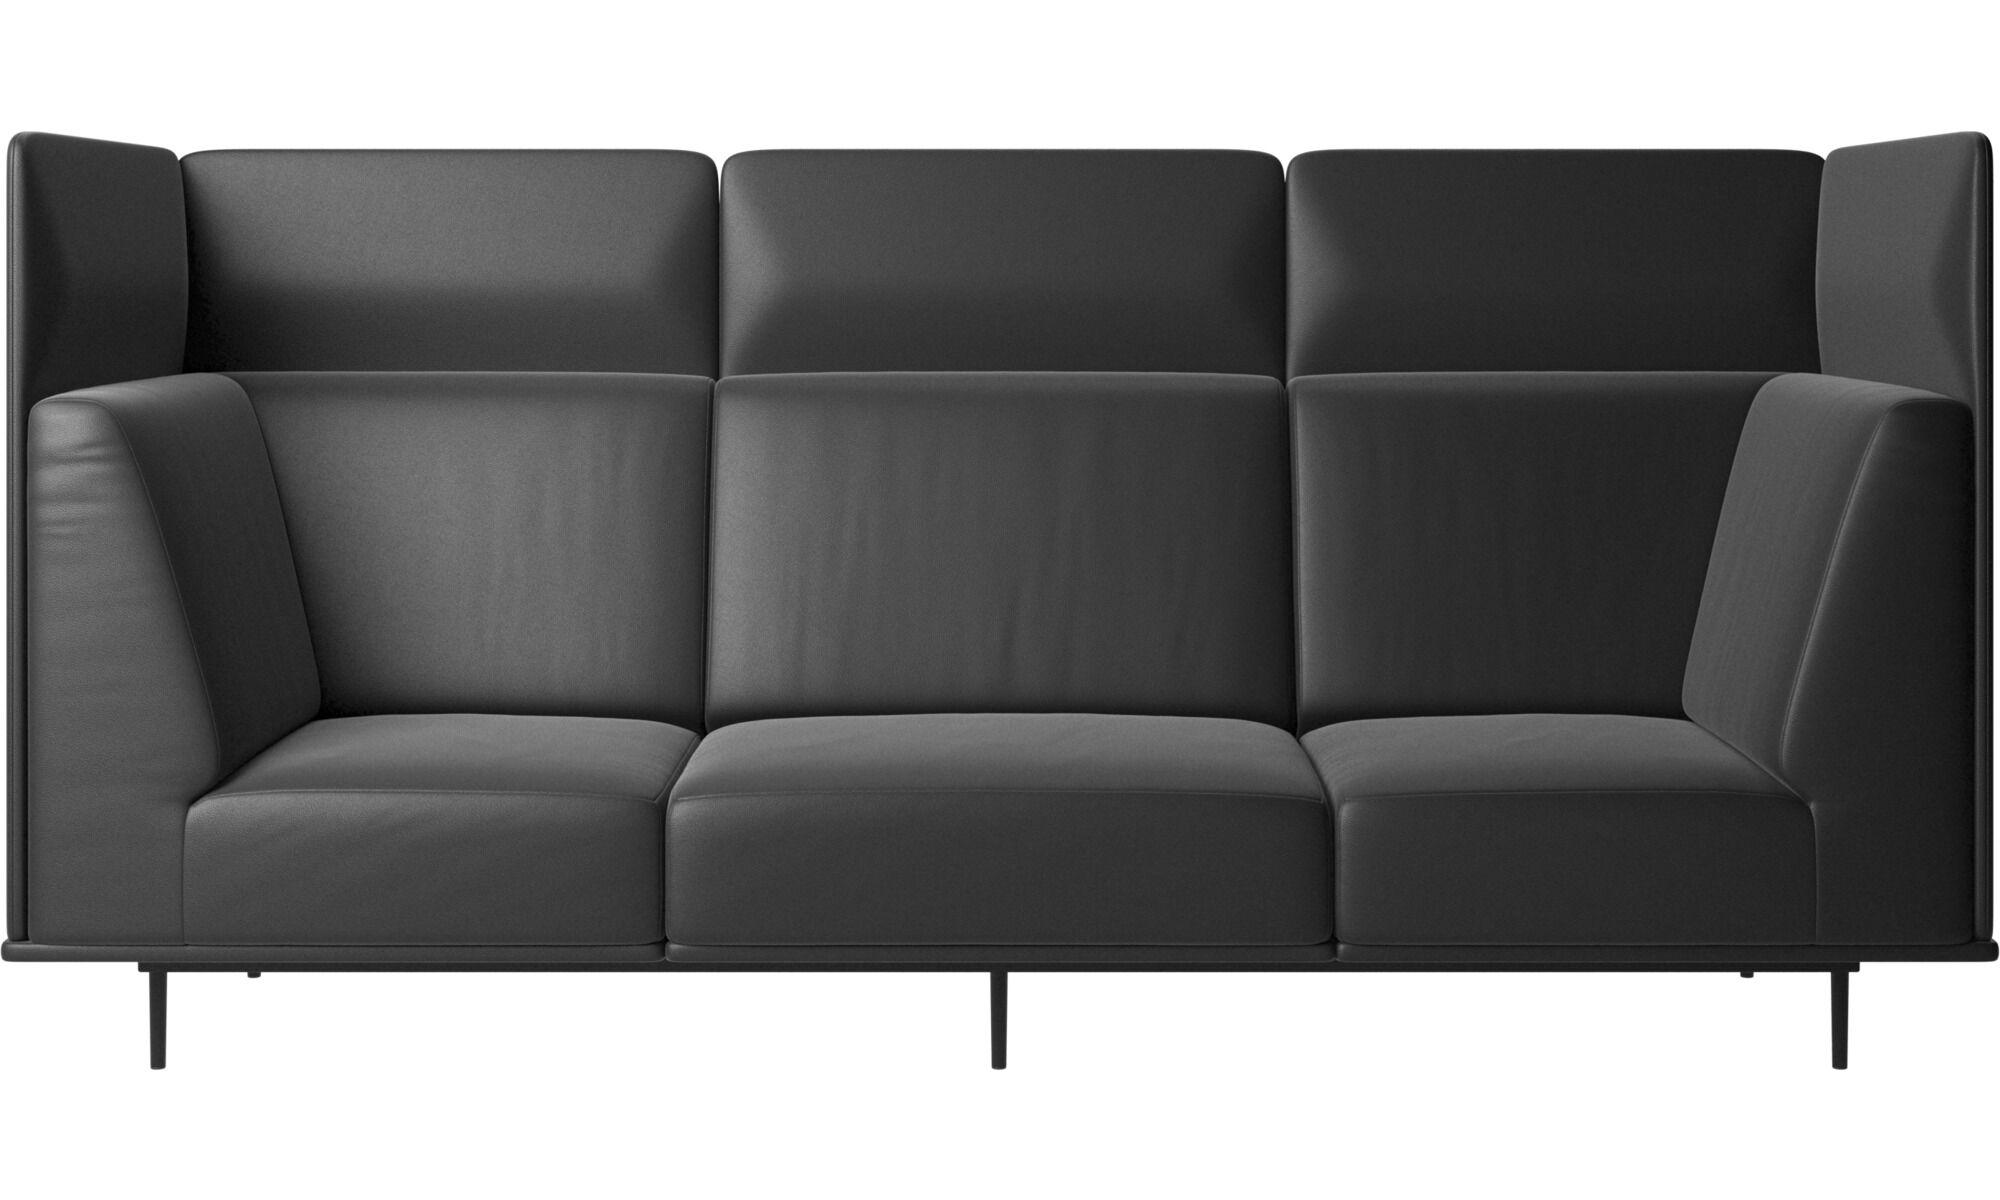 Sofa Samt Grau Grün Big Sofa Grau Big Sofa Test Best Of